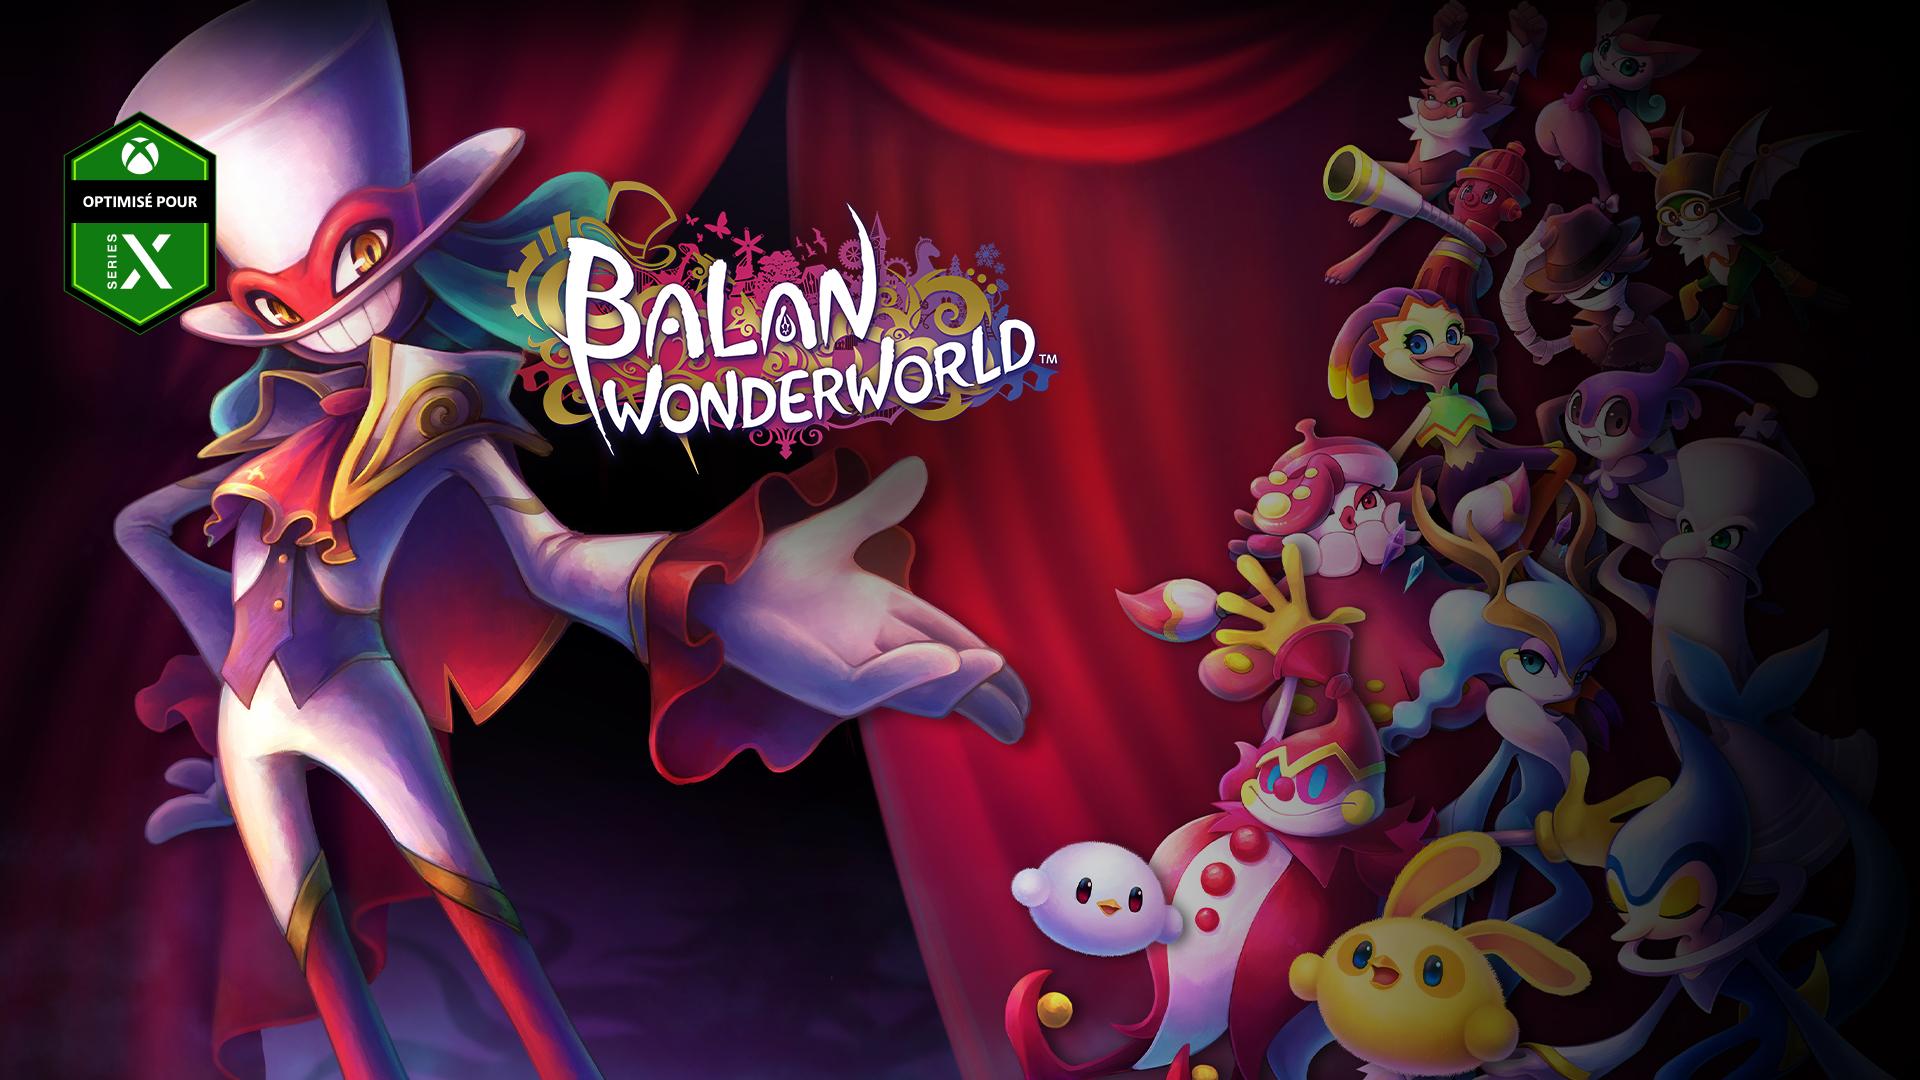 Optimisé pour Series X, Balan Wonderworld, un démon bien habillé fait des gestes en direction d'un groupe de créatures colorées.